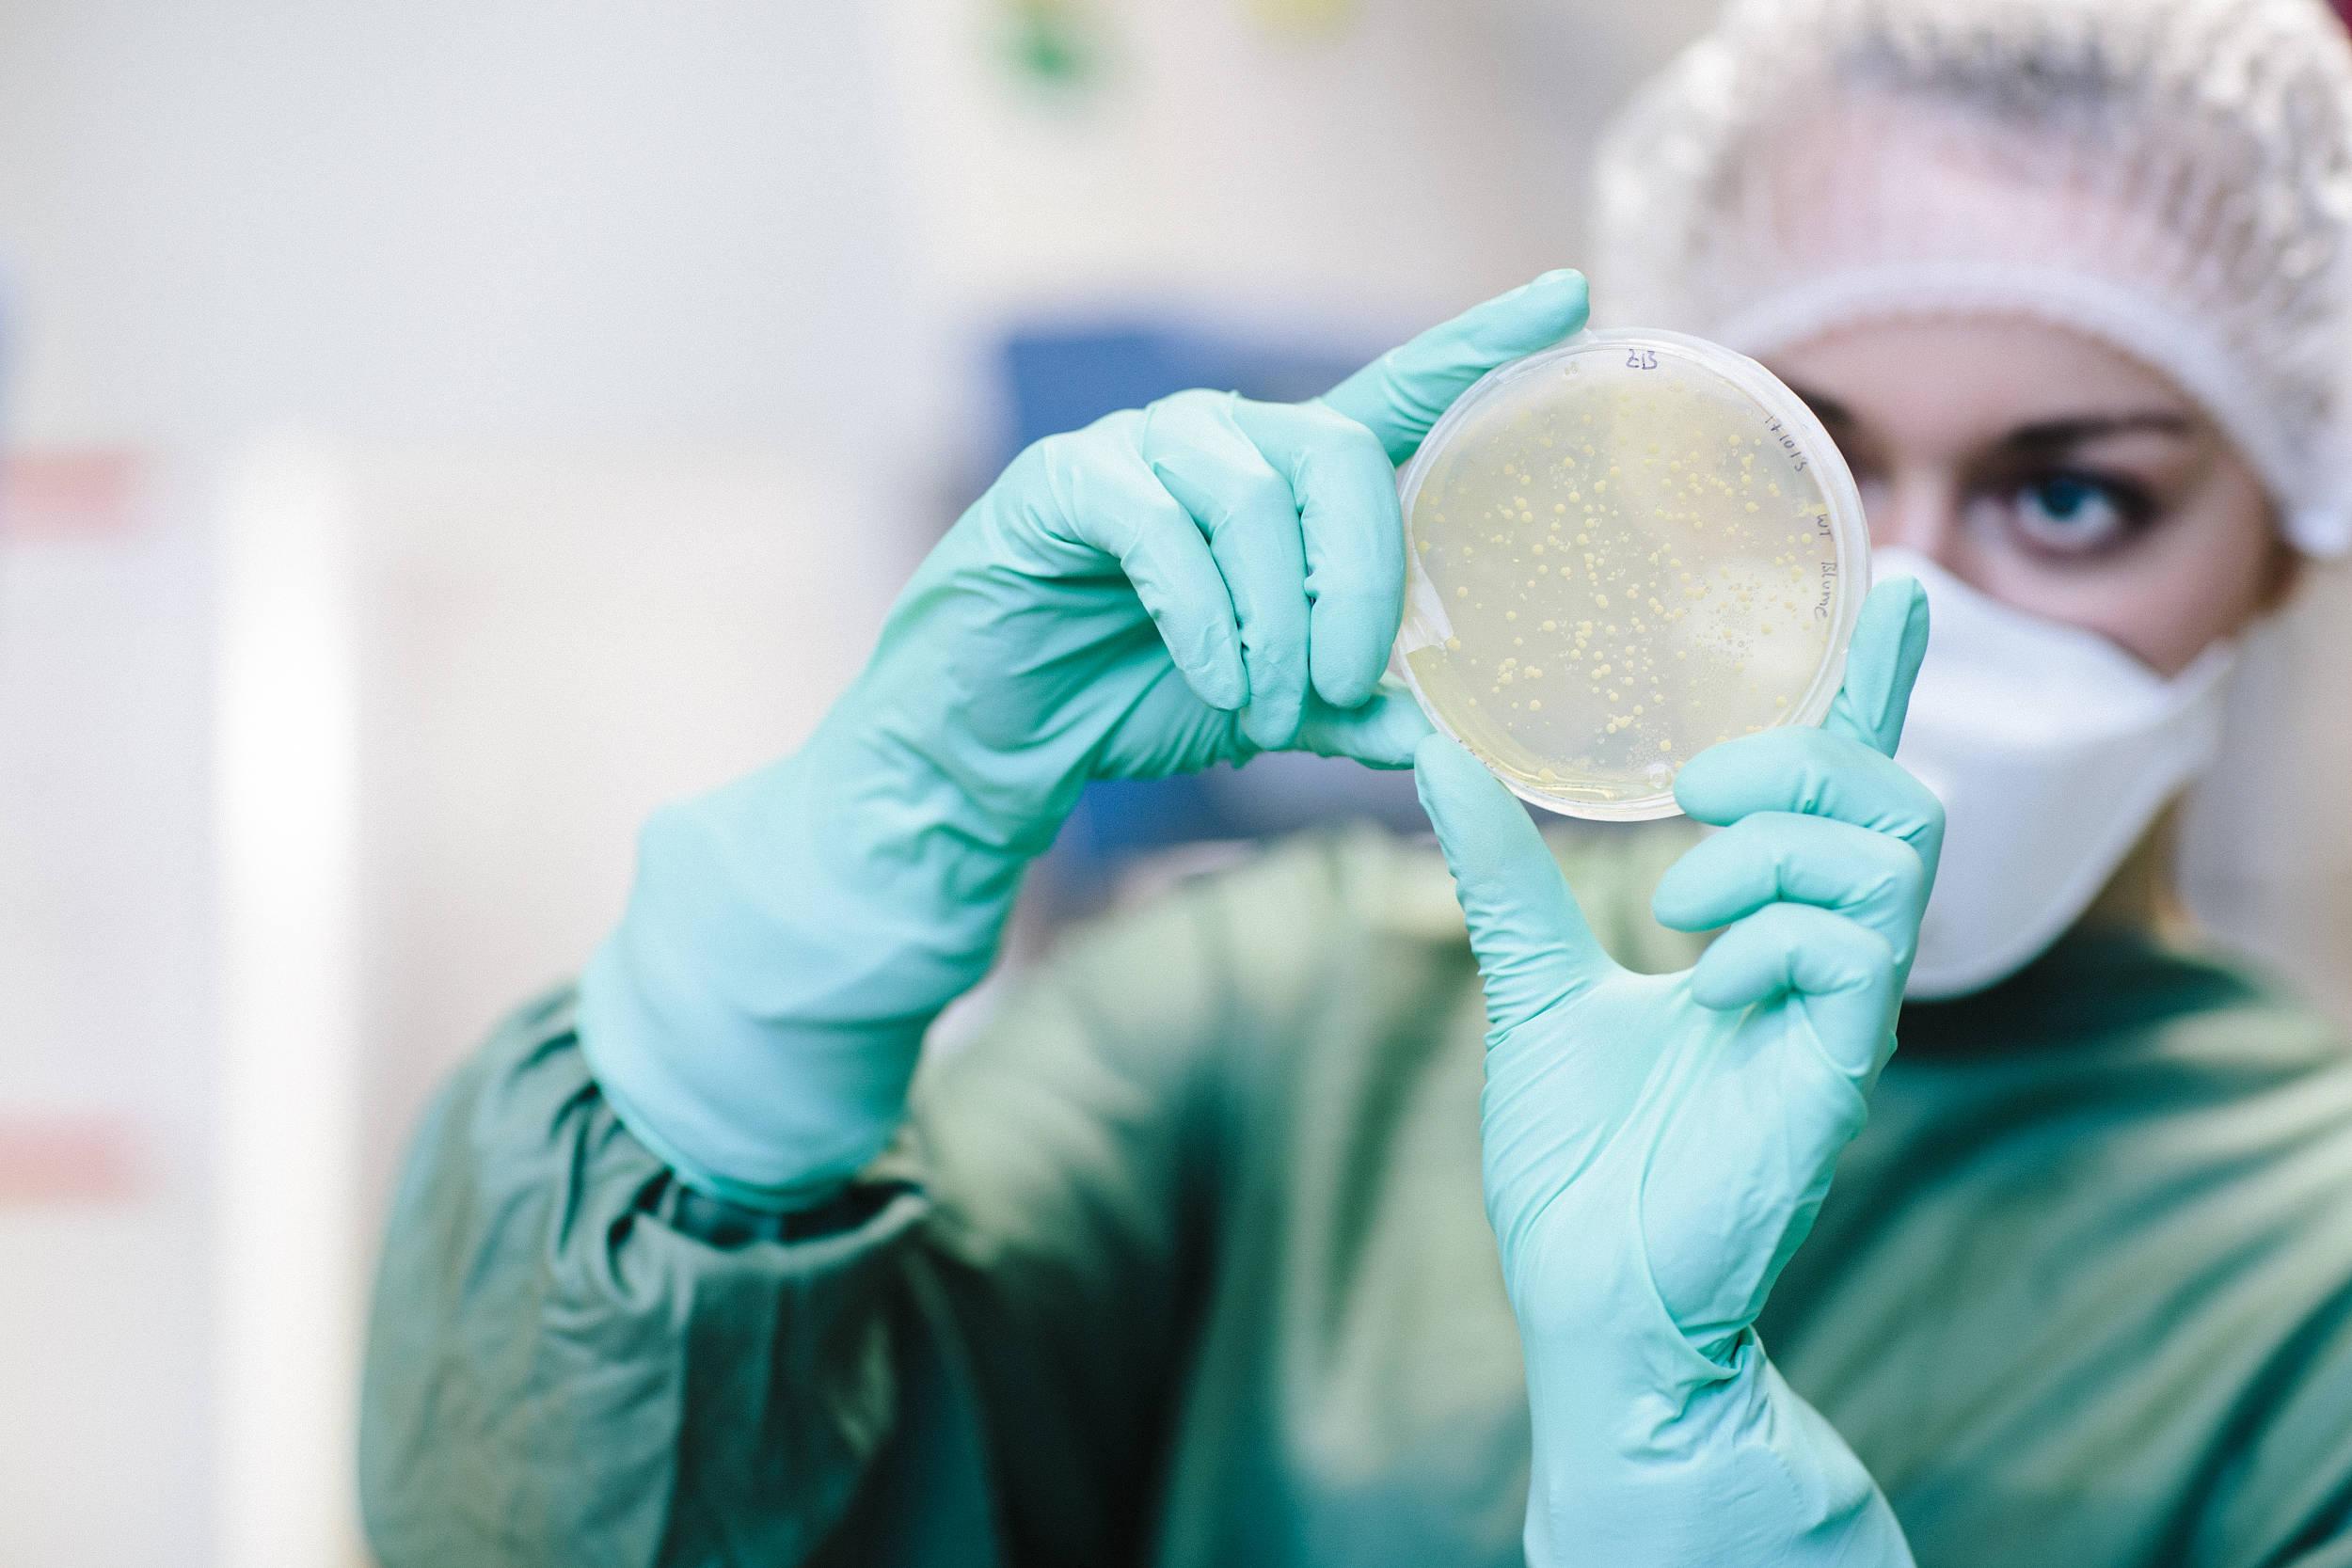 """用酵母打造""""多功能益生菌"""",科学家发现治疗炎症性肠炎新方法"""